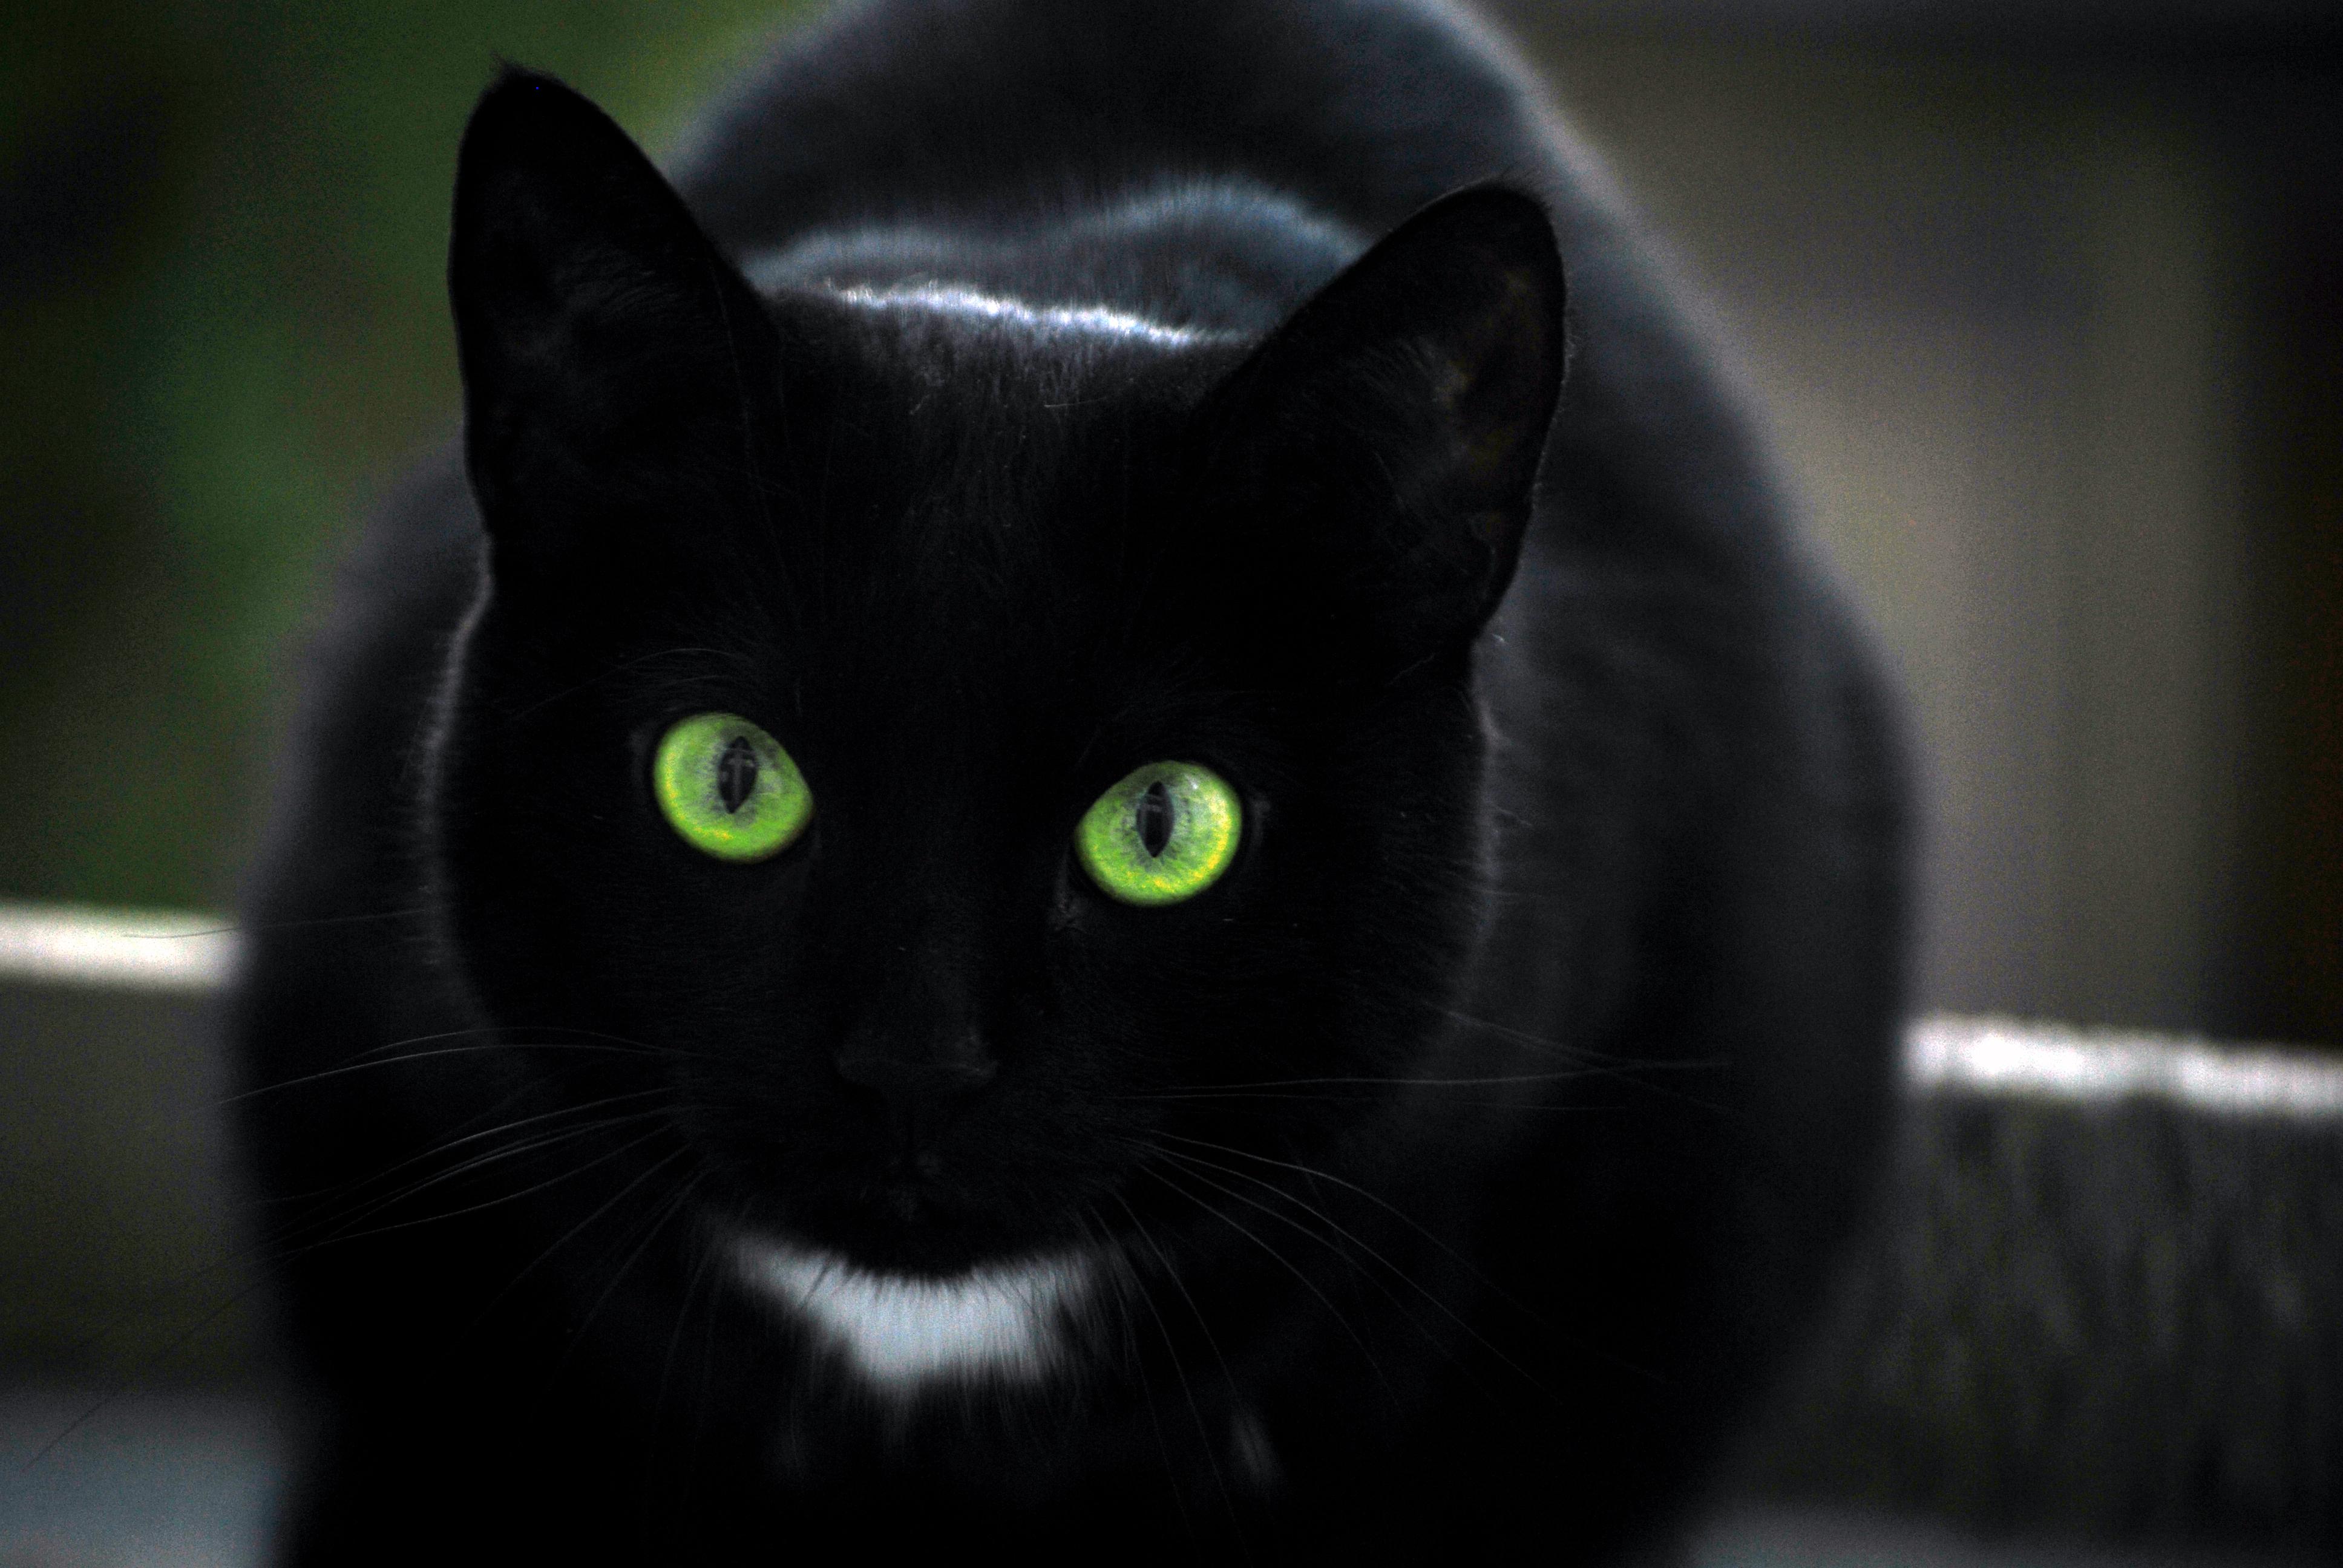 Siyak kedi uğursuzdur söylencesi de burada ortaya çıkıyor.